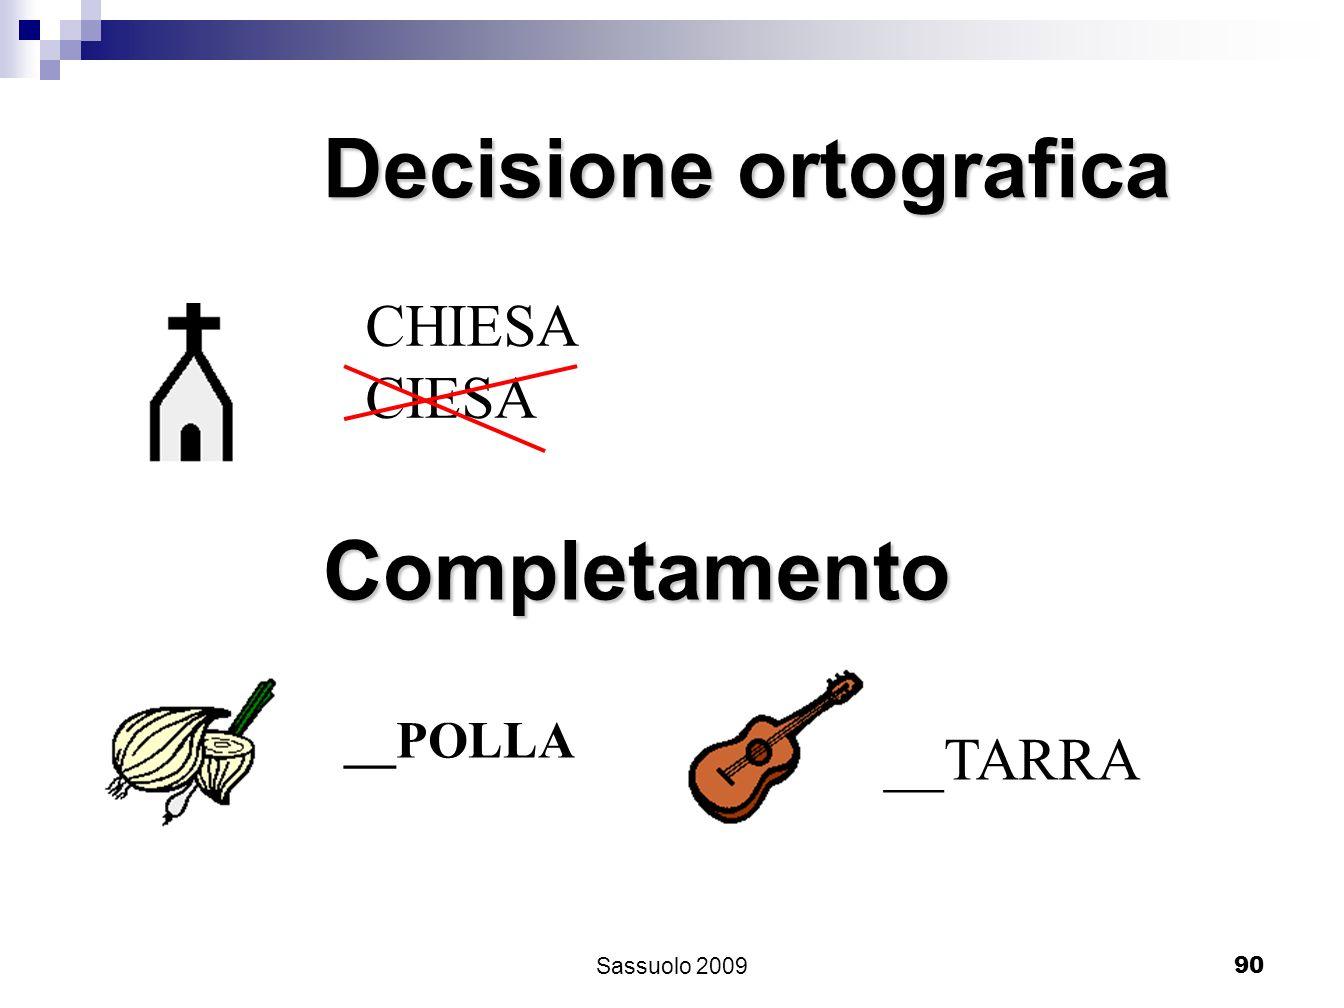 90 Decisione ortografica CHIESA CIESA Completamento __POLLA __TARRA Sassuolo 2009